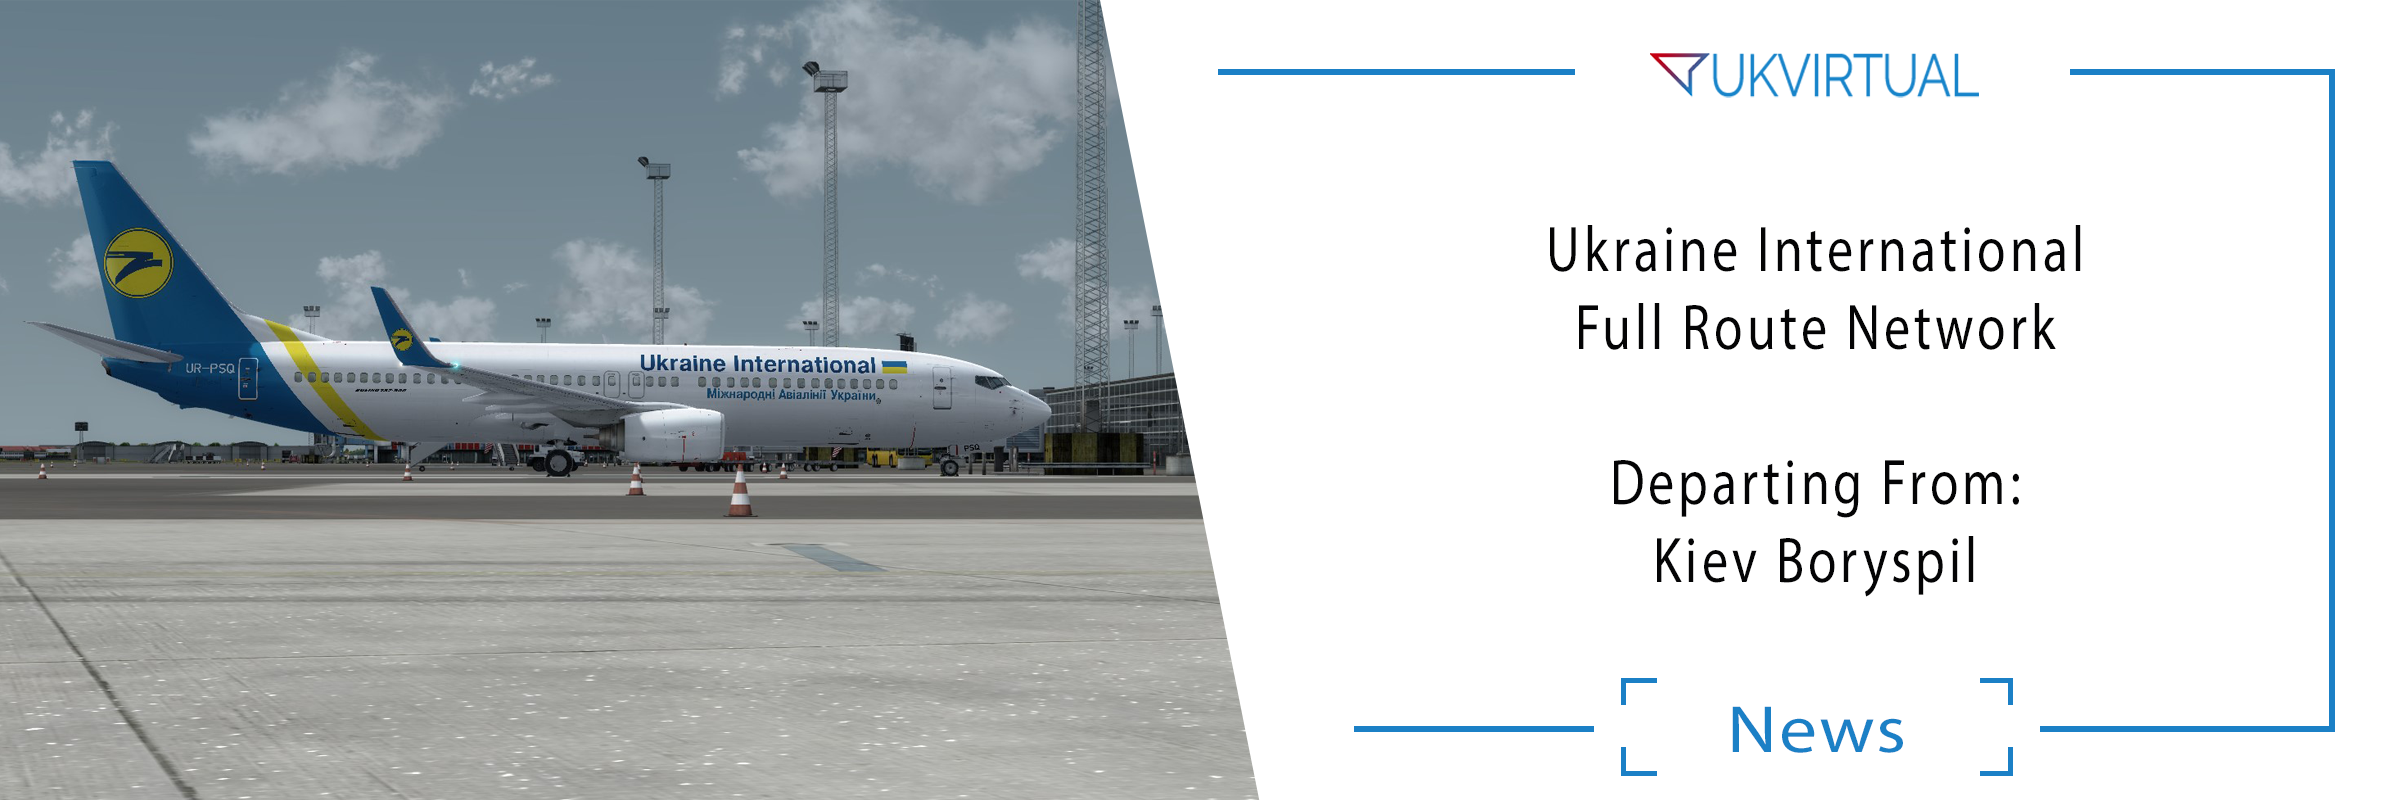 Ukraine International – Full Route Network